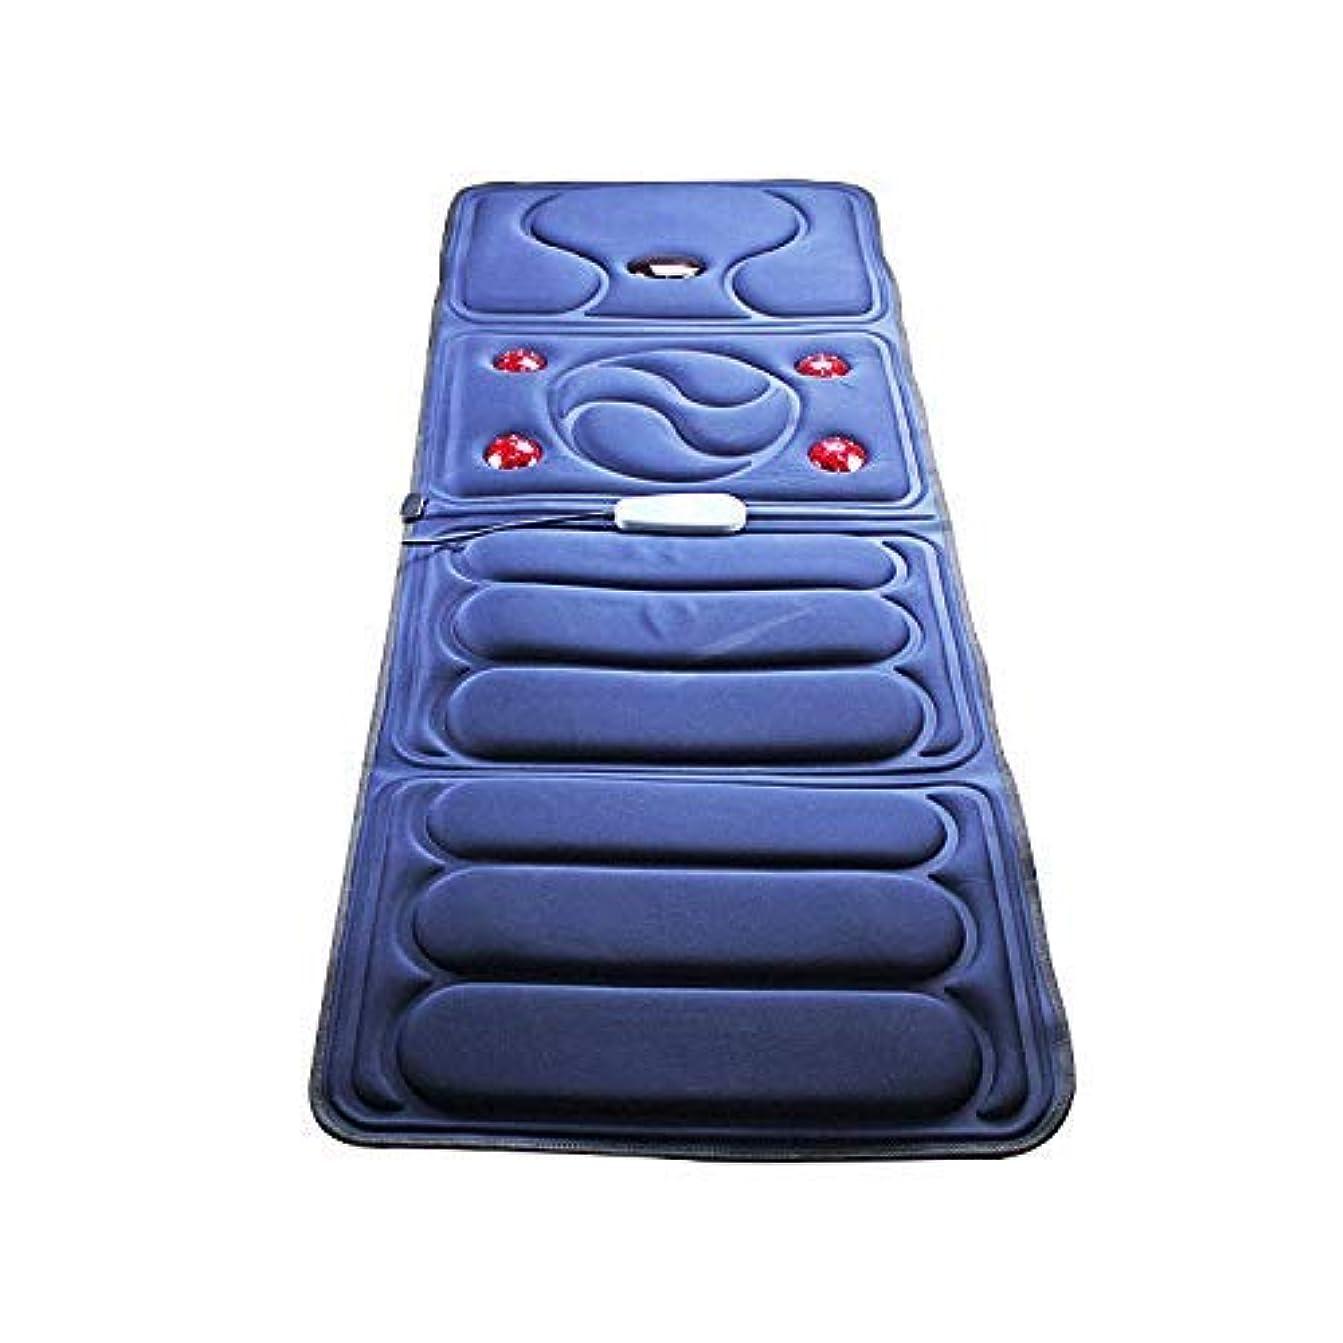 さらに拮抗継続中折り畳み式全身マッサージブランケット中高年のヘルスケアマッサージクッション多機能加熱ショックマッサージクッション家庭用マッサージ機器,ブルー